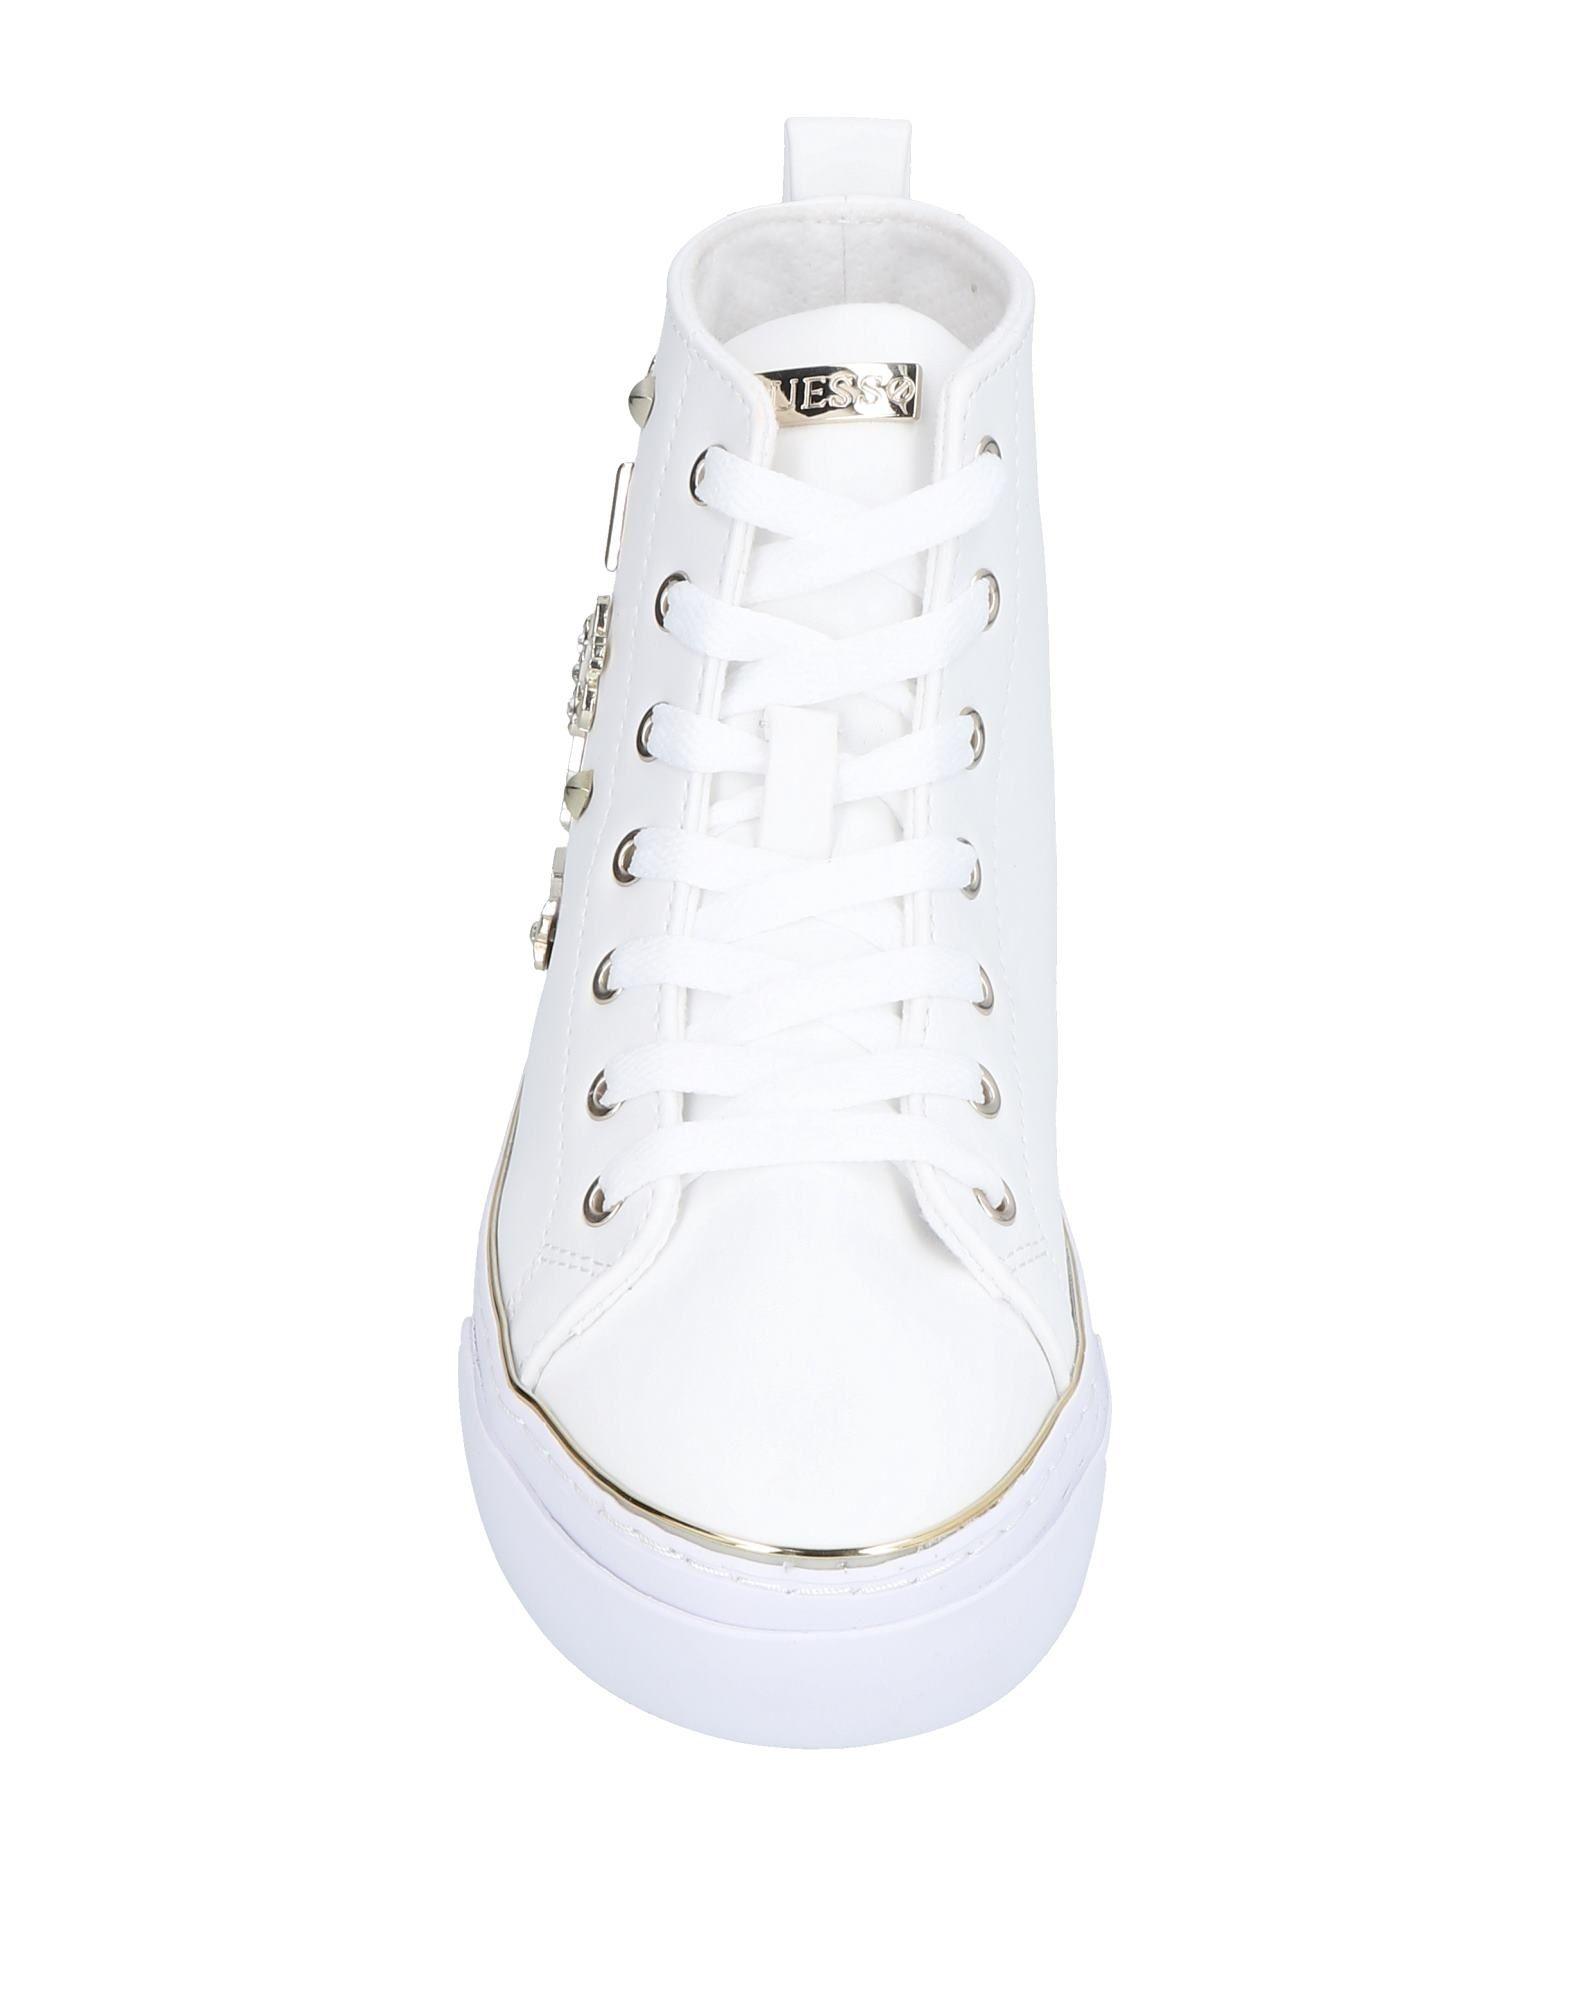 Guess Sneakers Damen Damen Sneakers  11466790UV  dbbf12